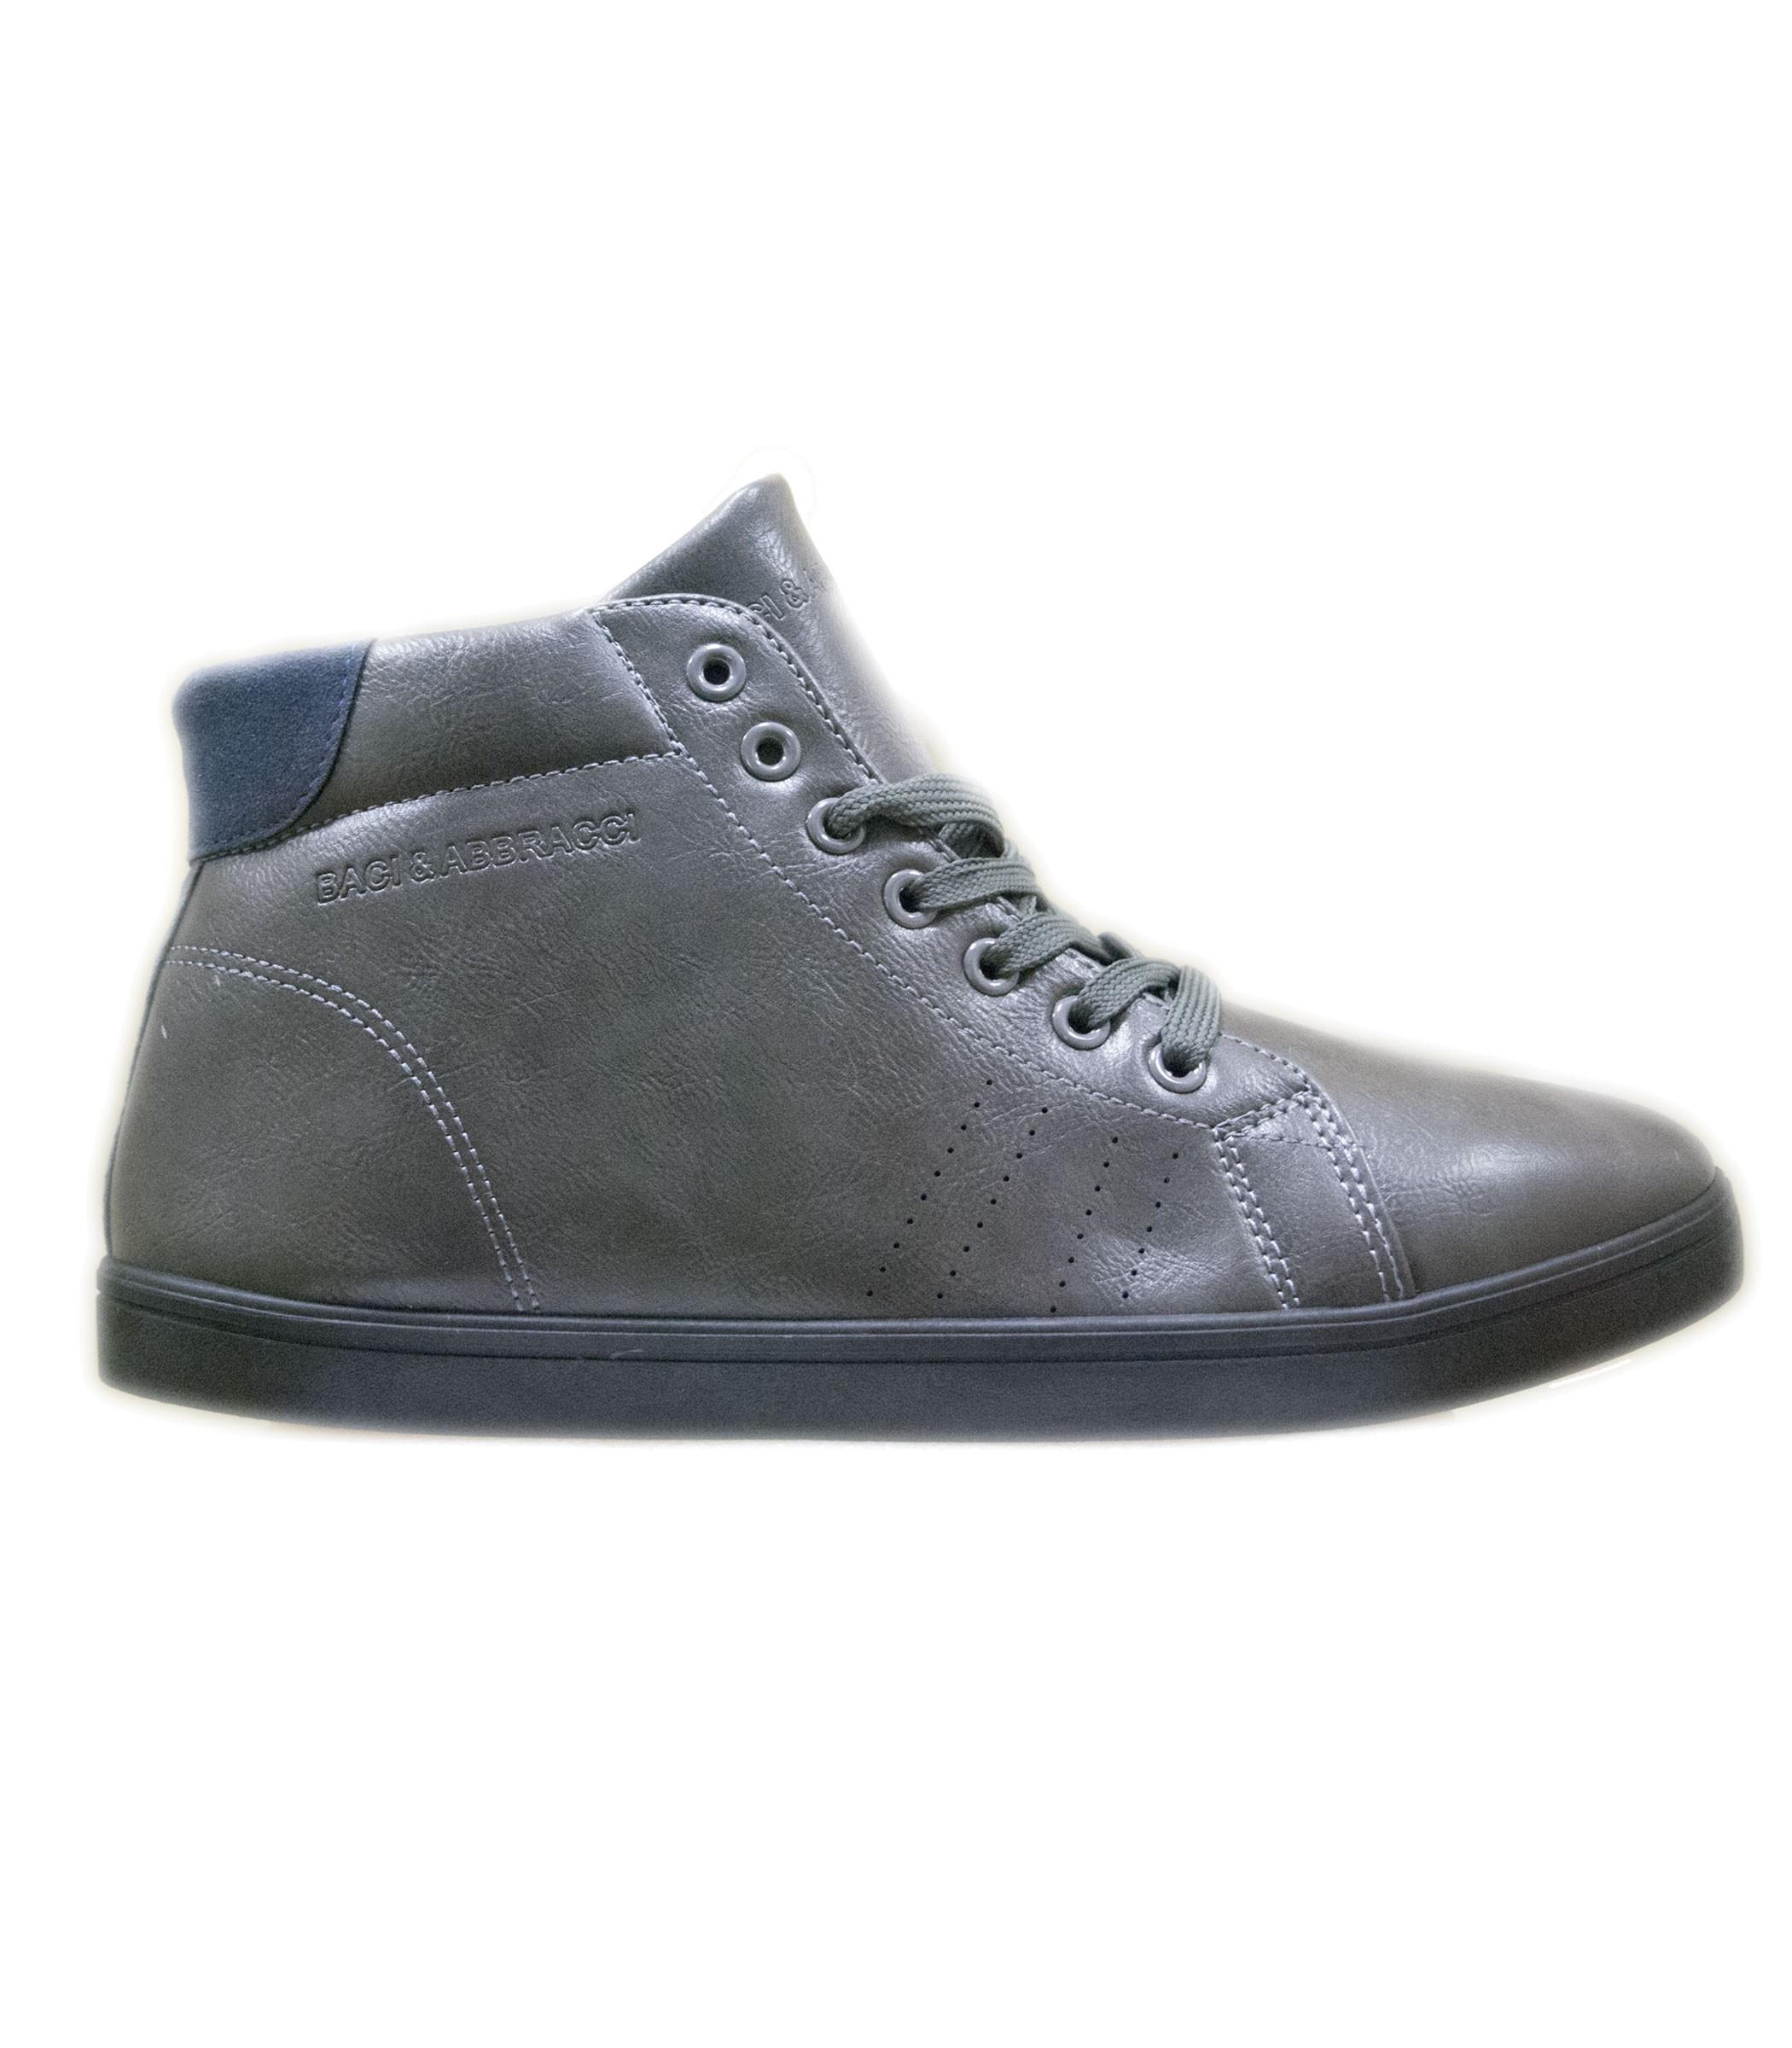 low priced 6e5d1 c6198 Scarpe Sneakers da uomo alte con suola in gomma